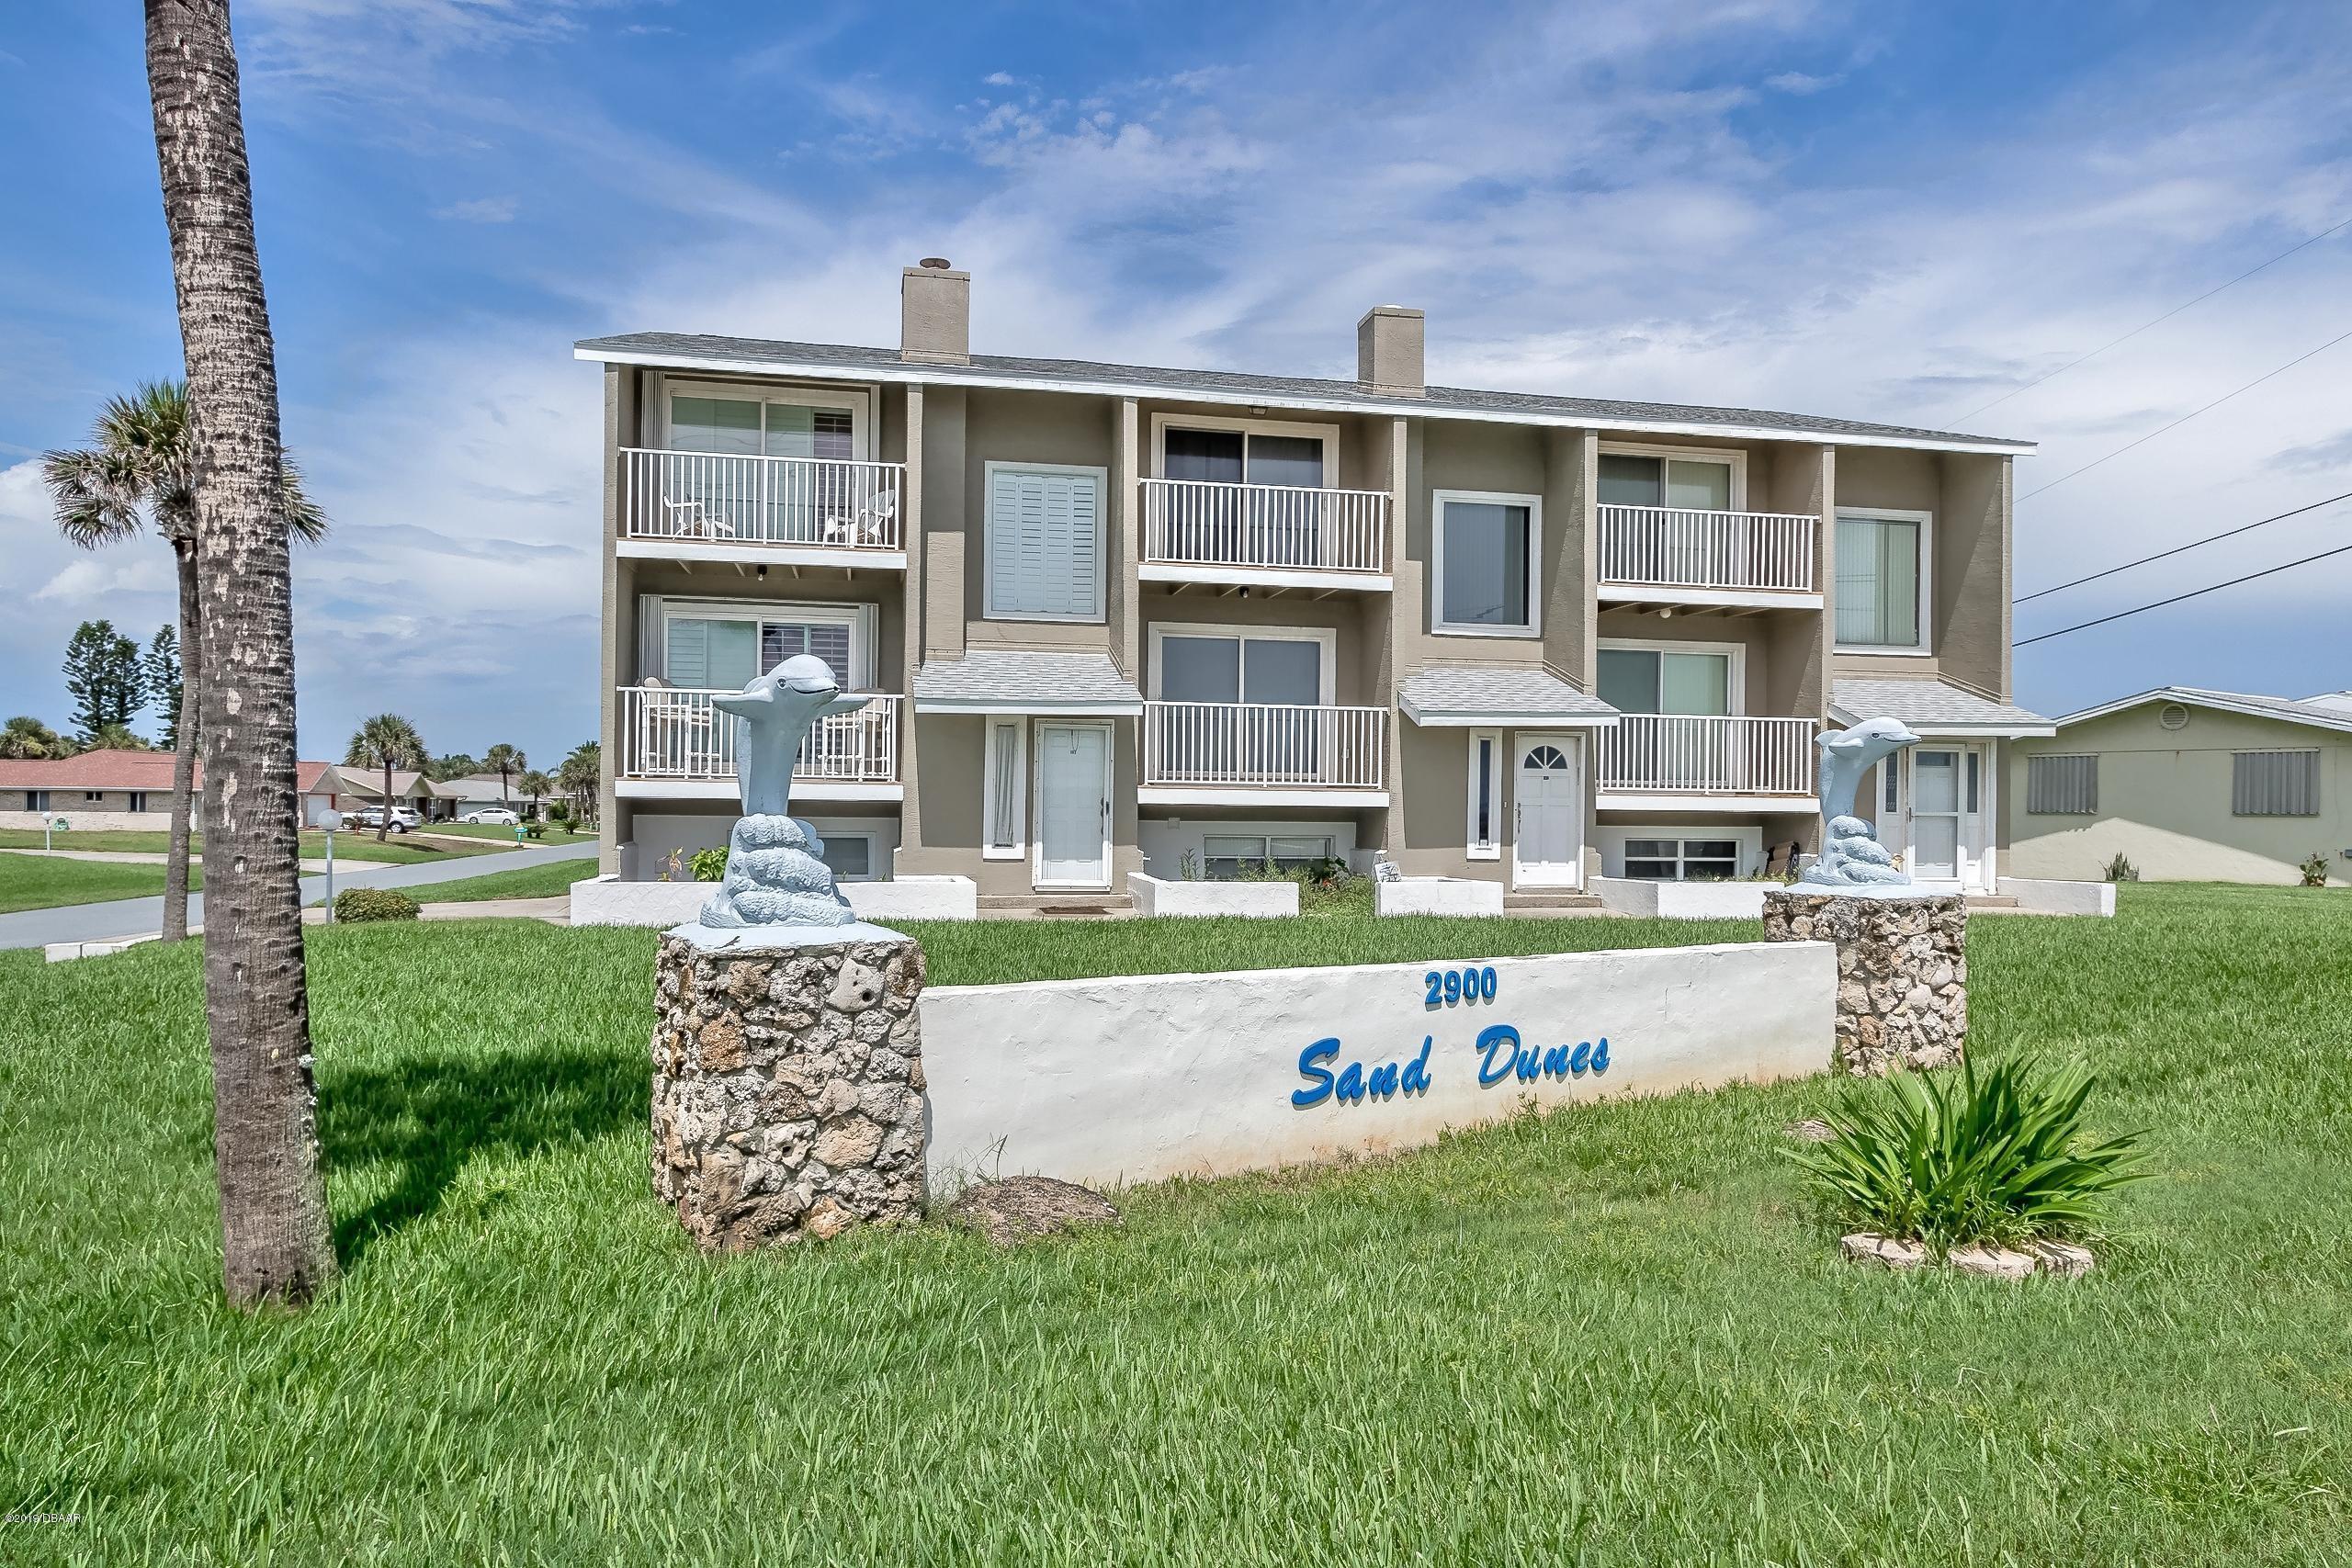 2900 Ocean Shore Boulevard, Ormond-By-The-Sea, Florida